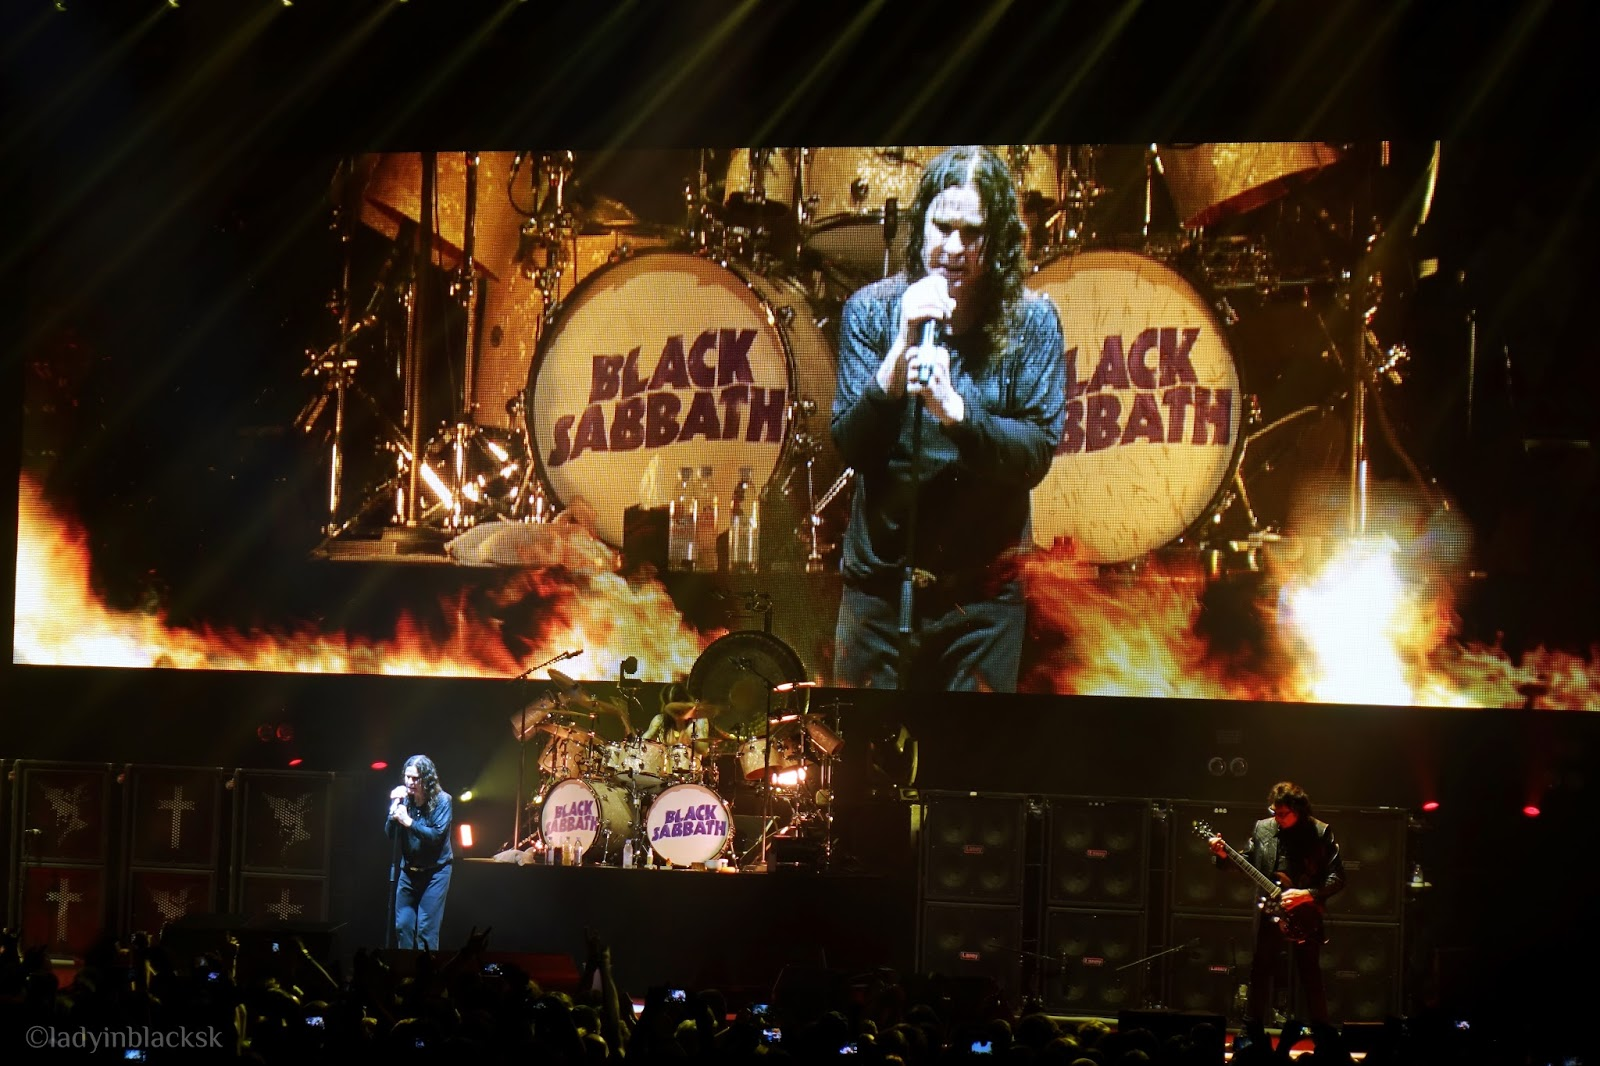 Black Sabbath, The End Tour in Prague